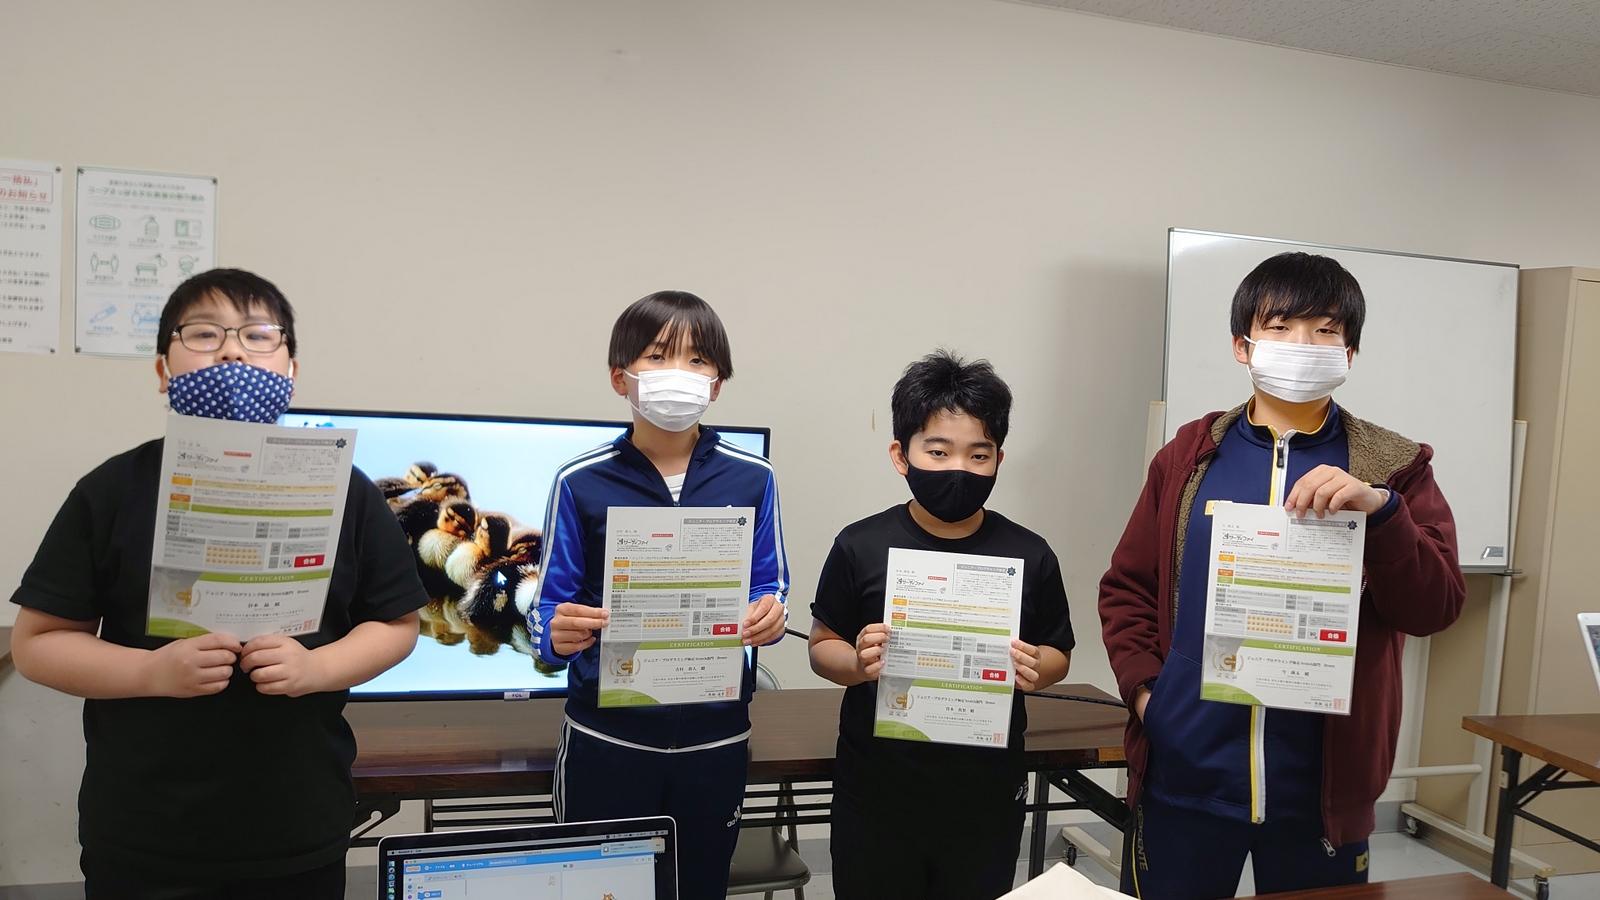 ジュニアプログラミング検定Bronze級全員合格